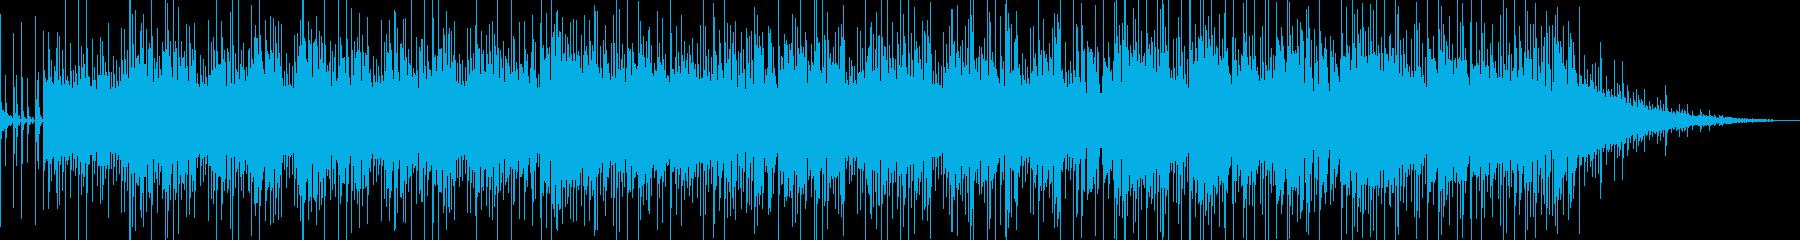 爽やかなバンドサウンドの洋楽風ポップスの再生済みの波形